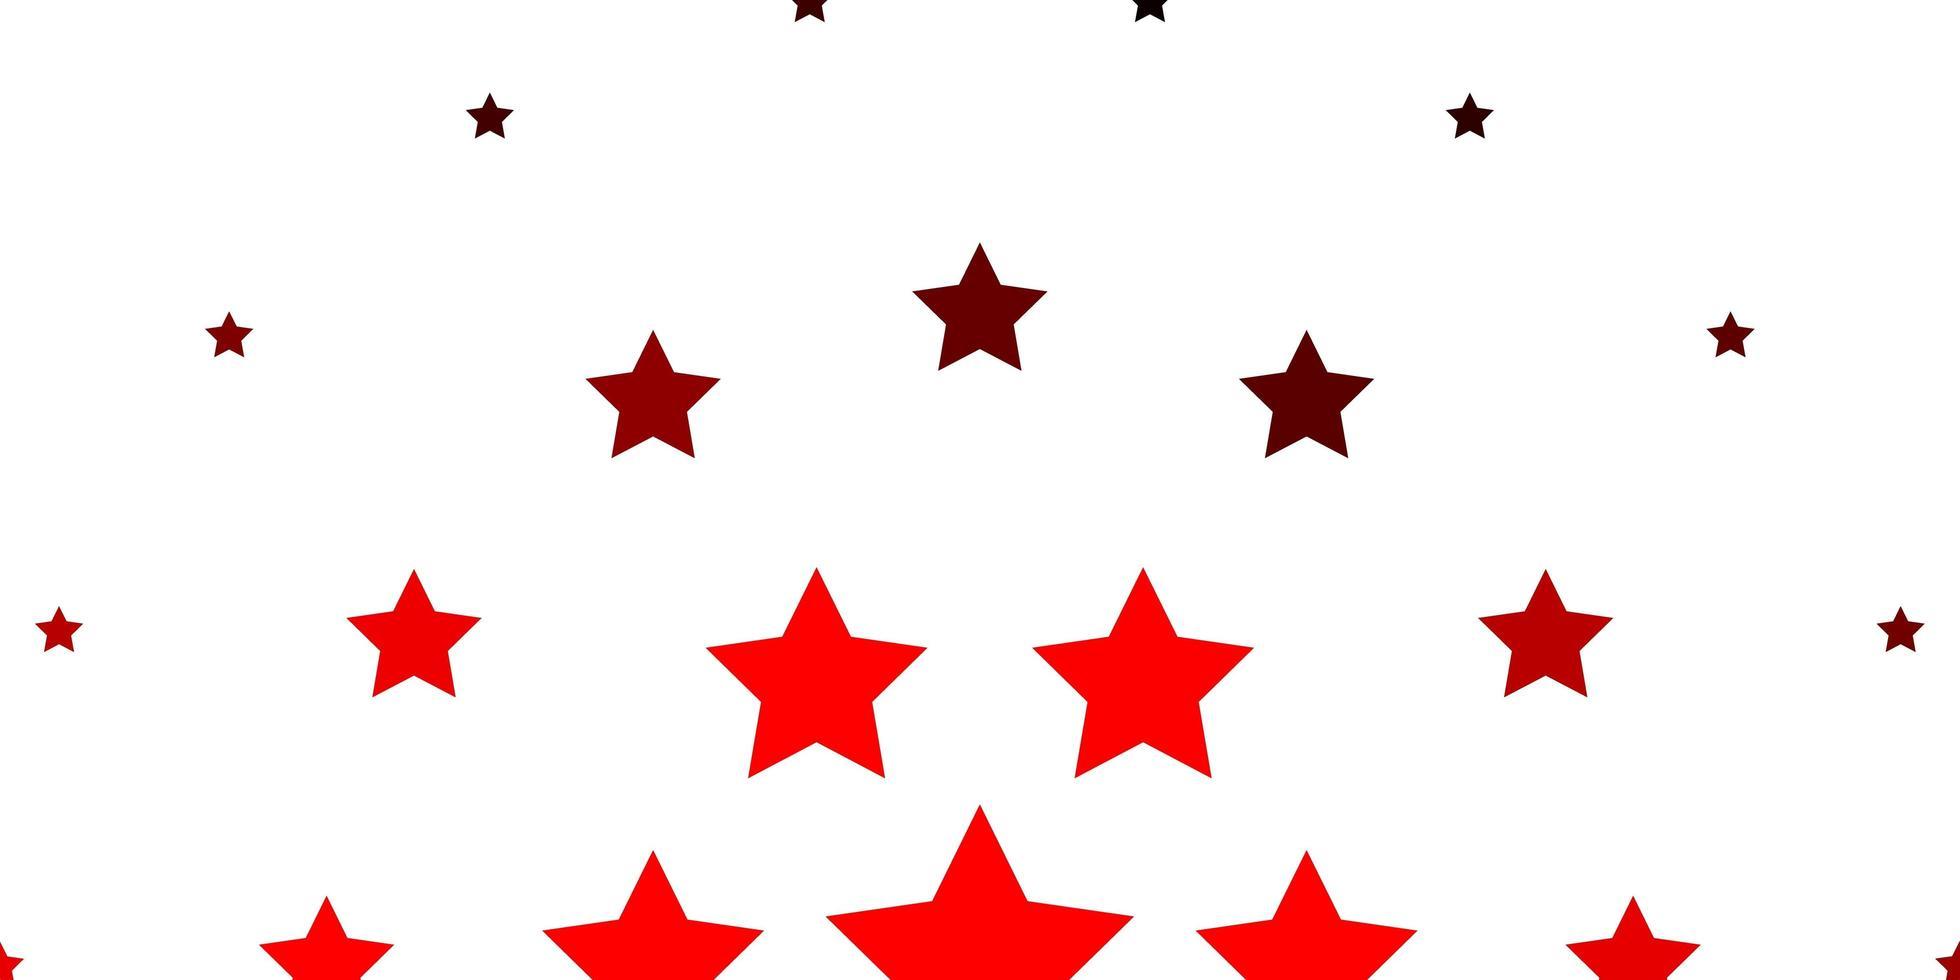 hellroter Vektorhintergrund mit bunten Sternen. vektor